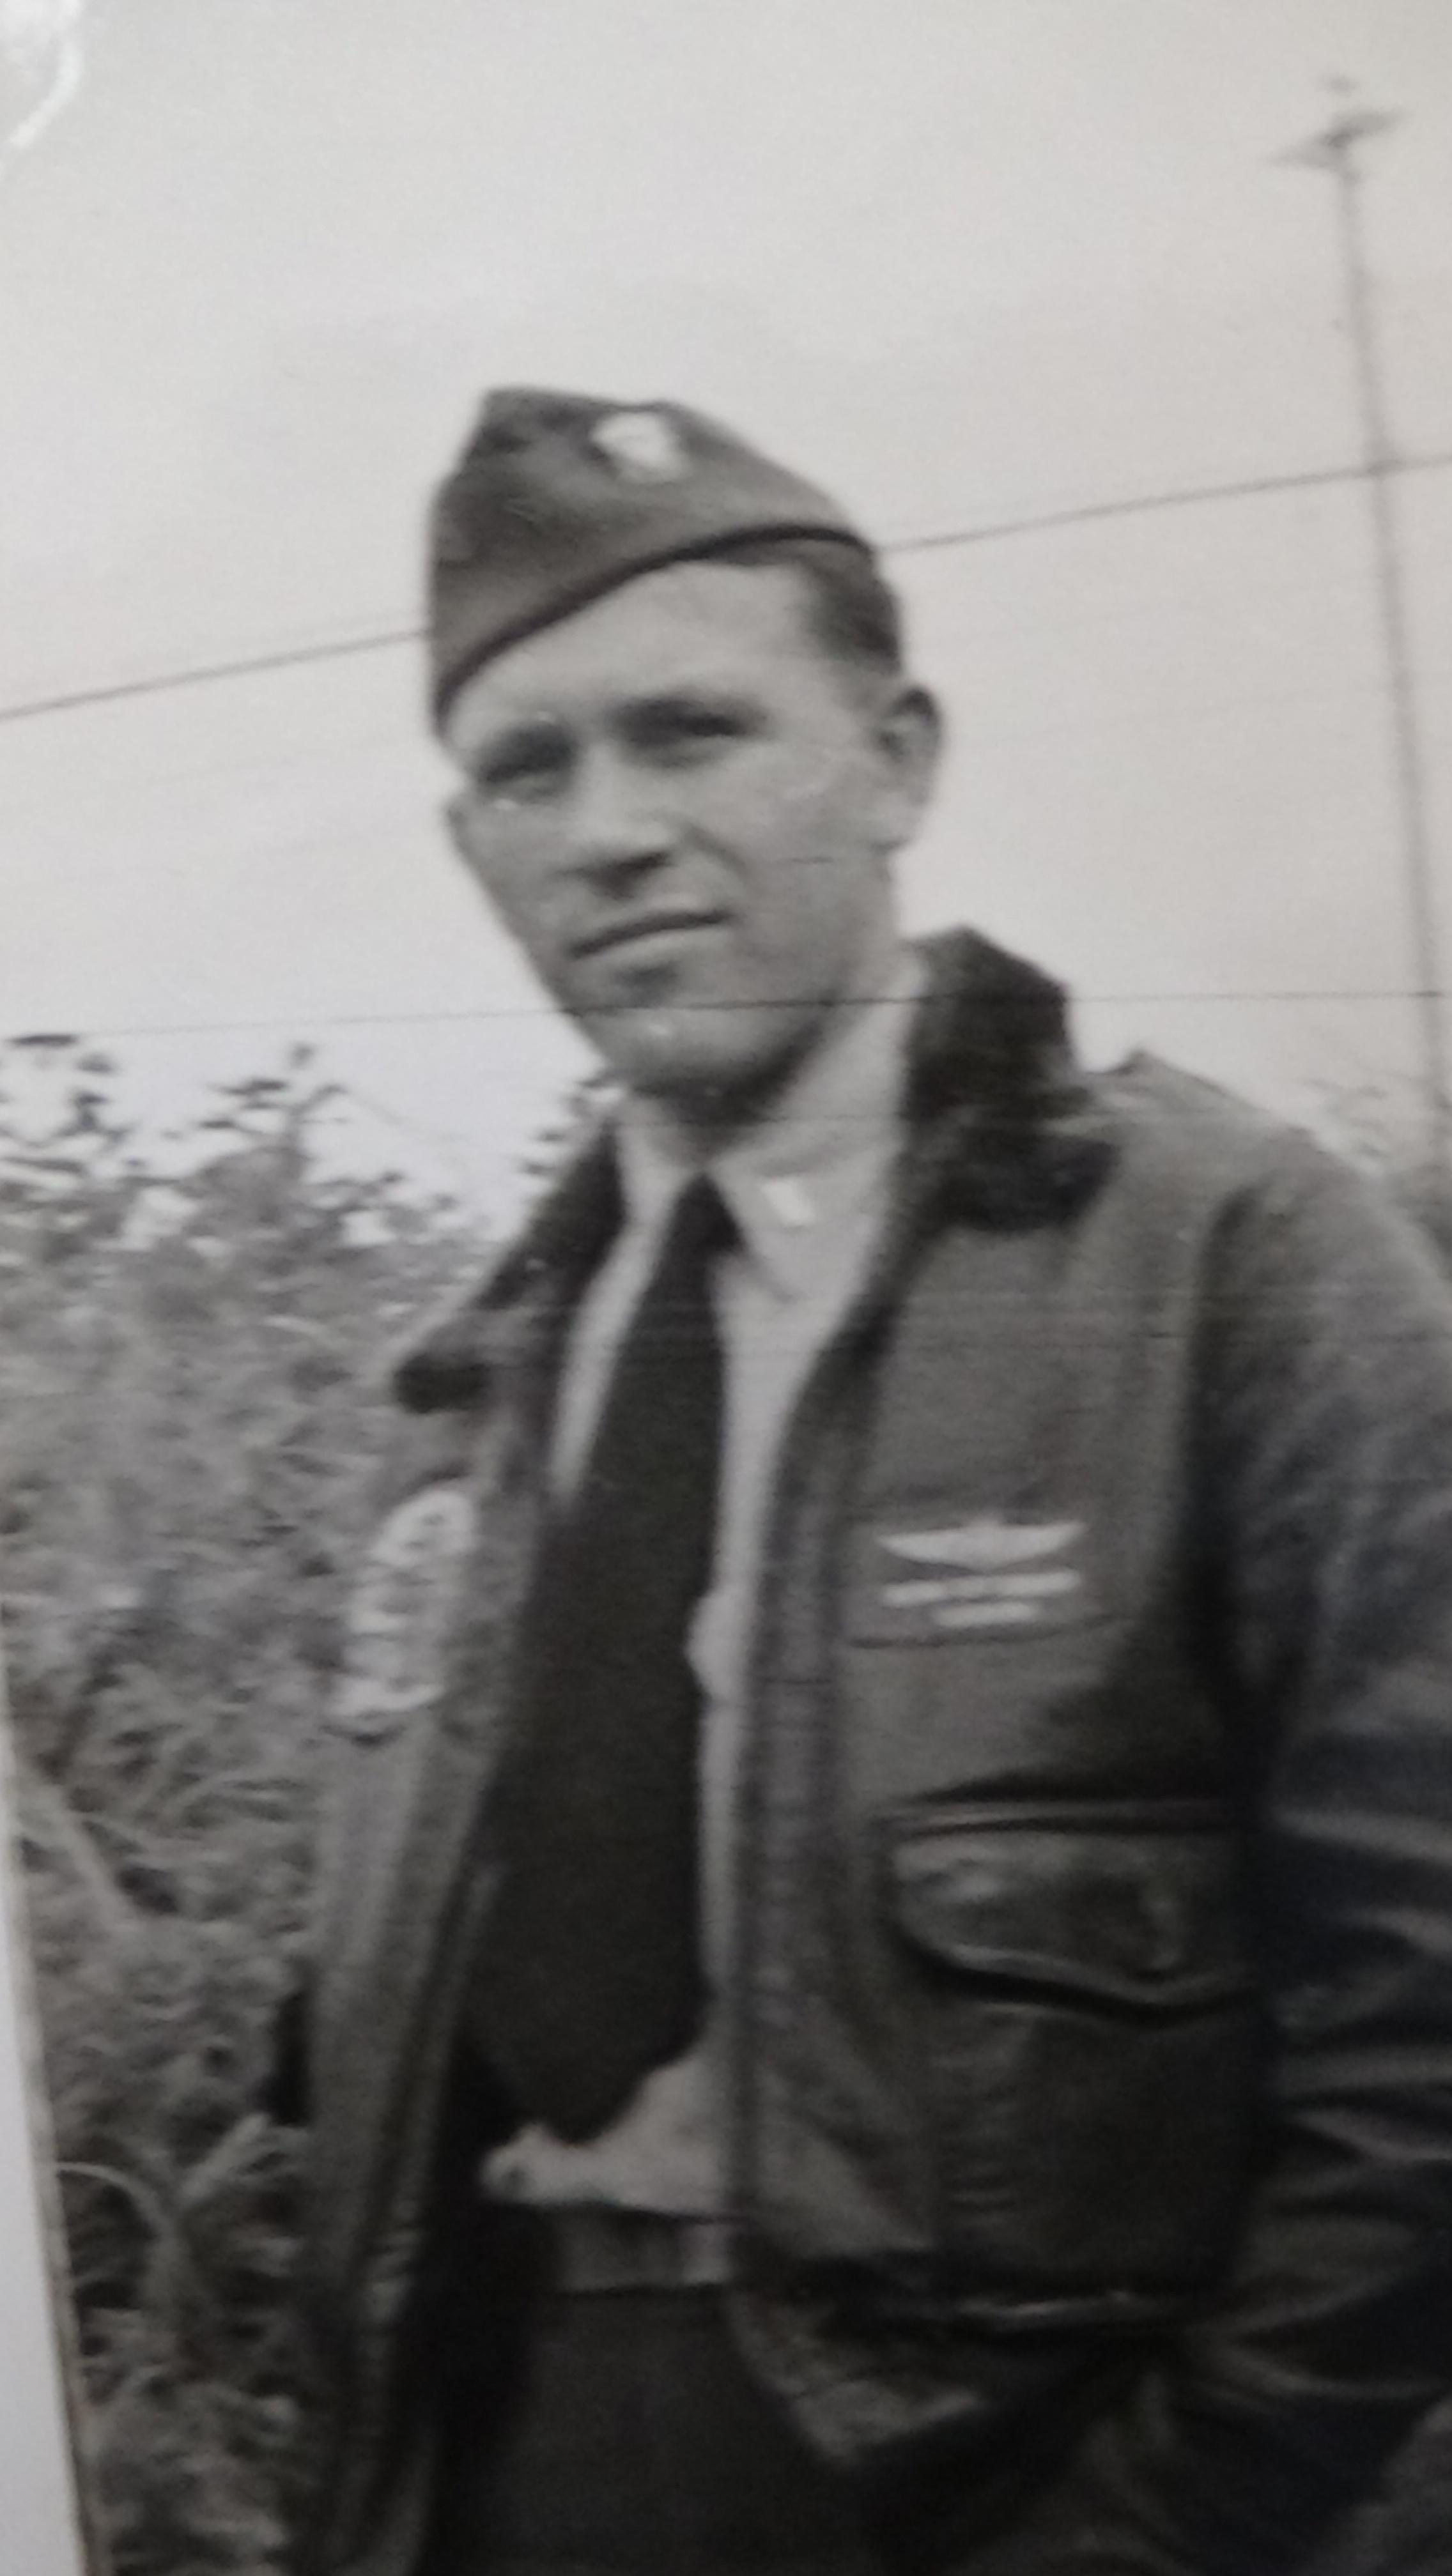 Don Stobbs, navigator